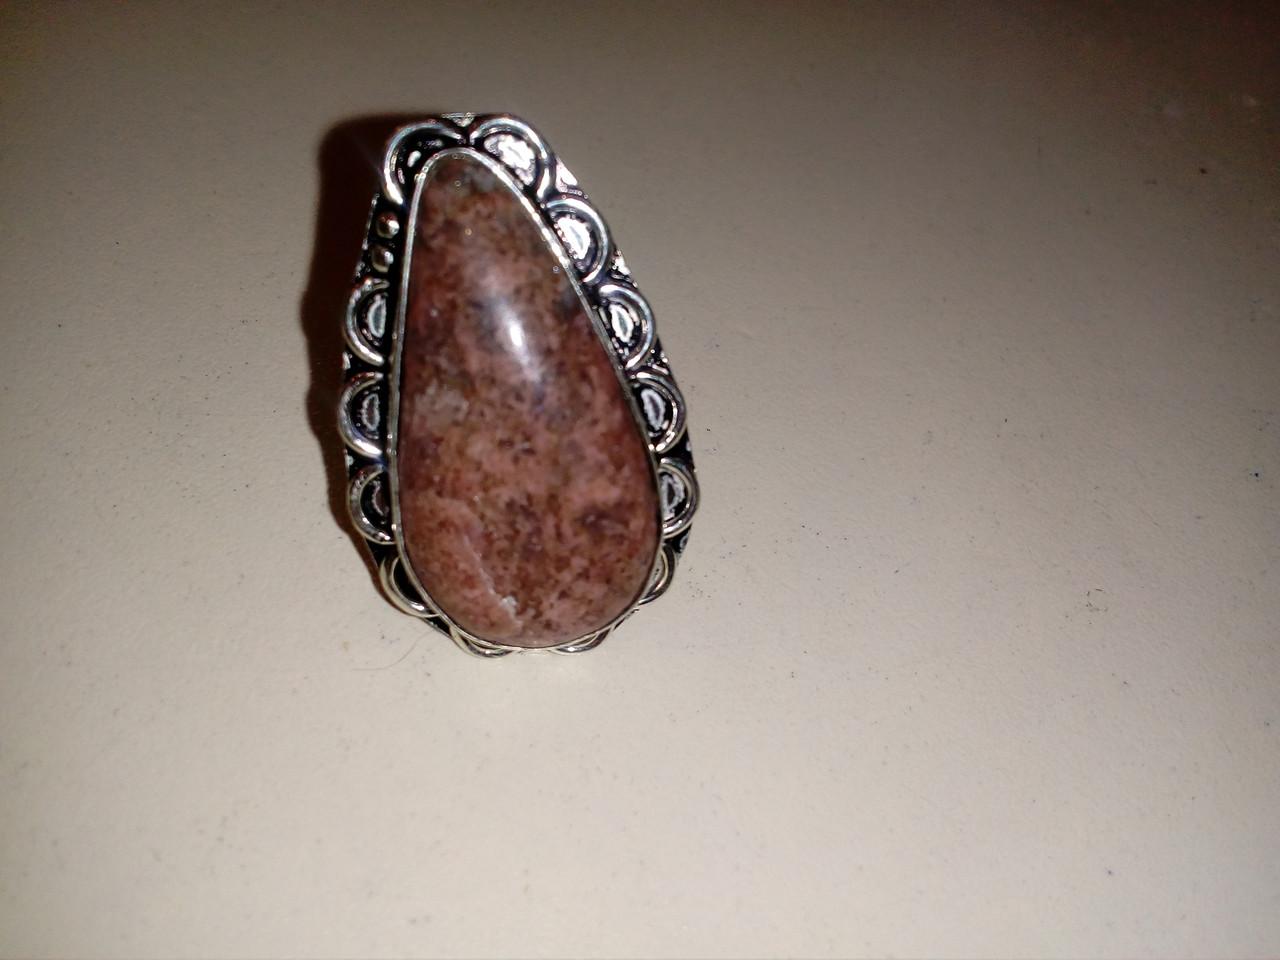 Агат красиве кільце з агатом в сріблі. Кільце з каменем агат 17,3 розмір Індія